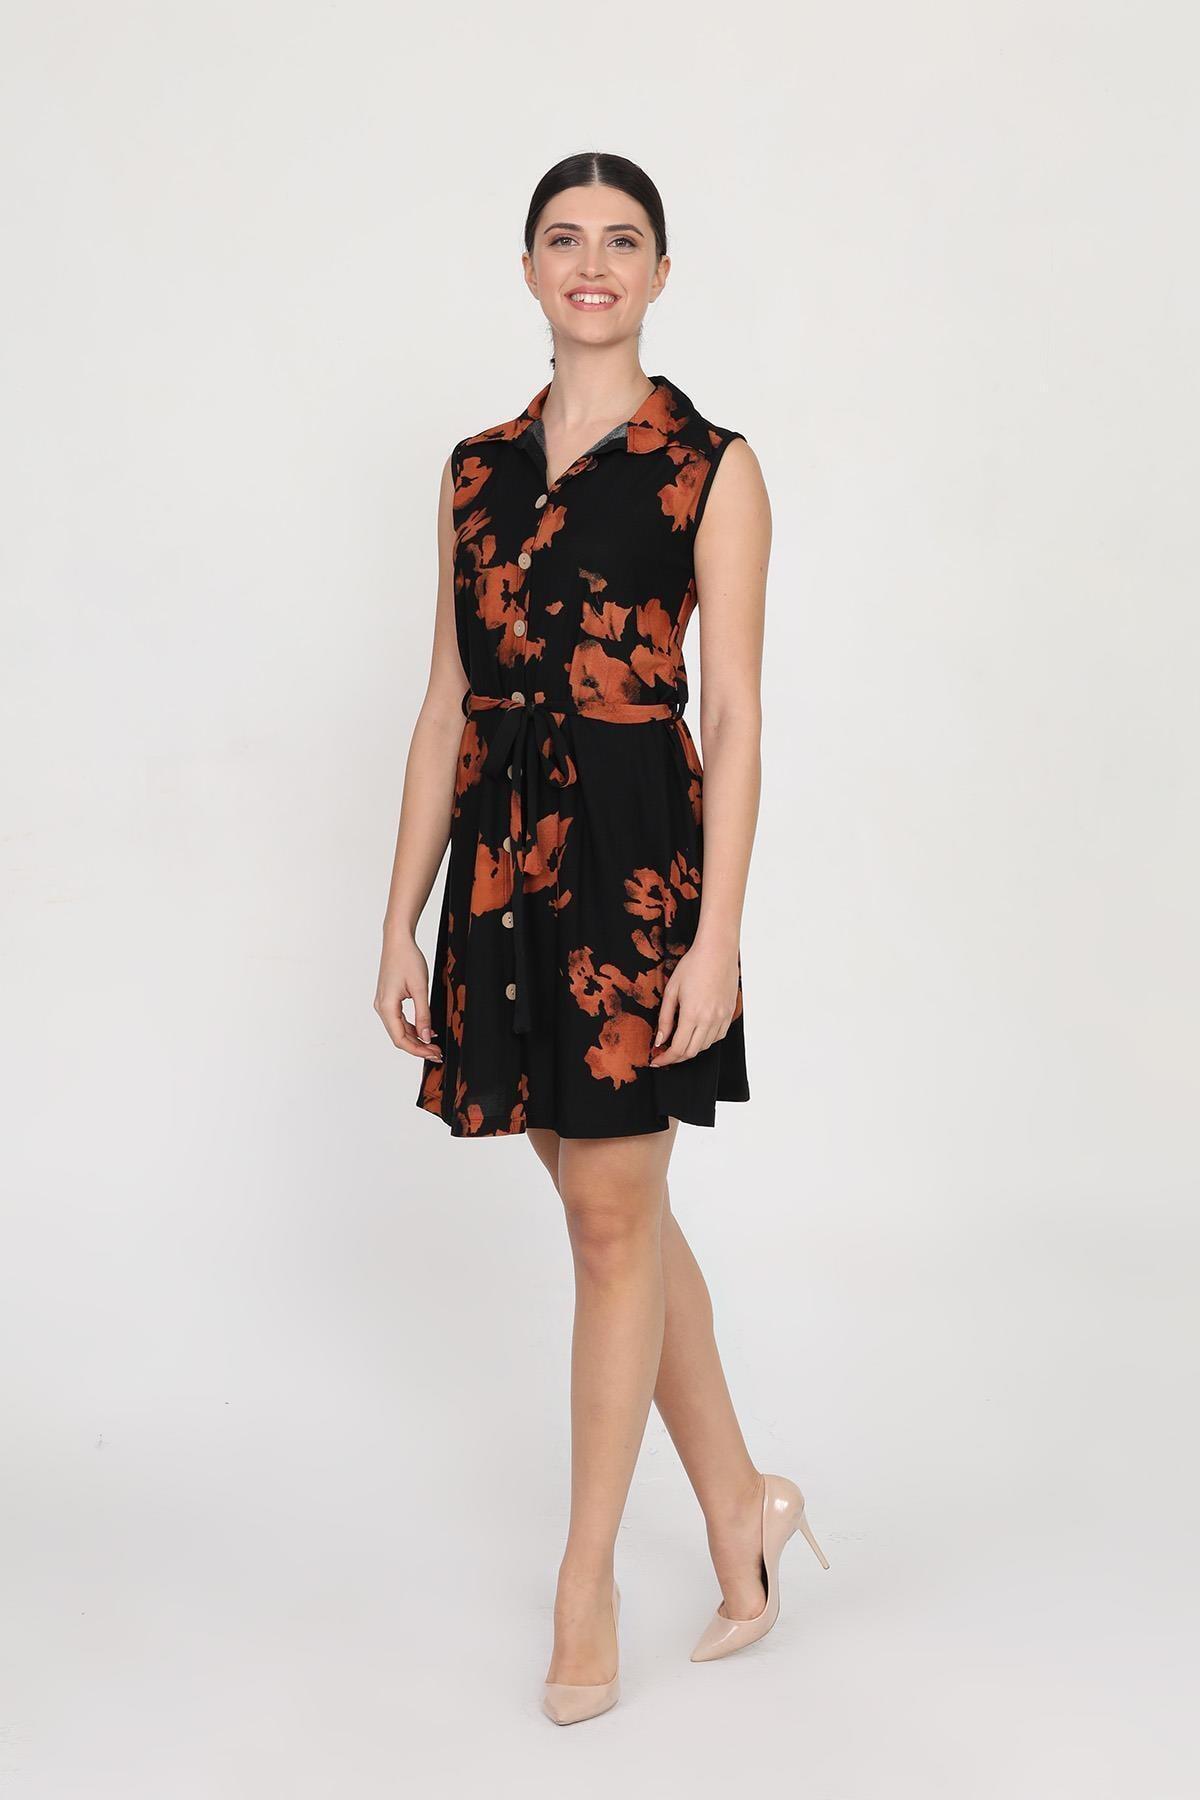 Ceylen Kadın Turuncu Önden Düğmeli Desenli Mini Örme Krep Elbise